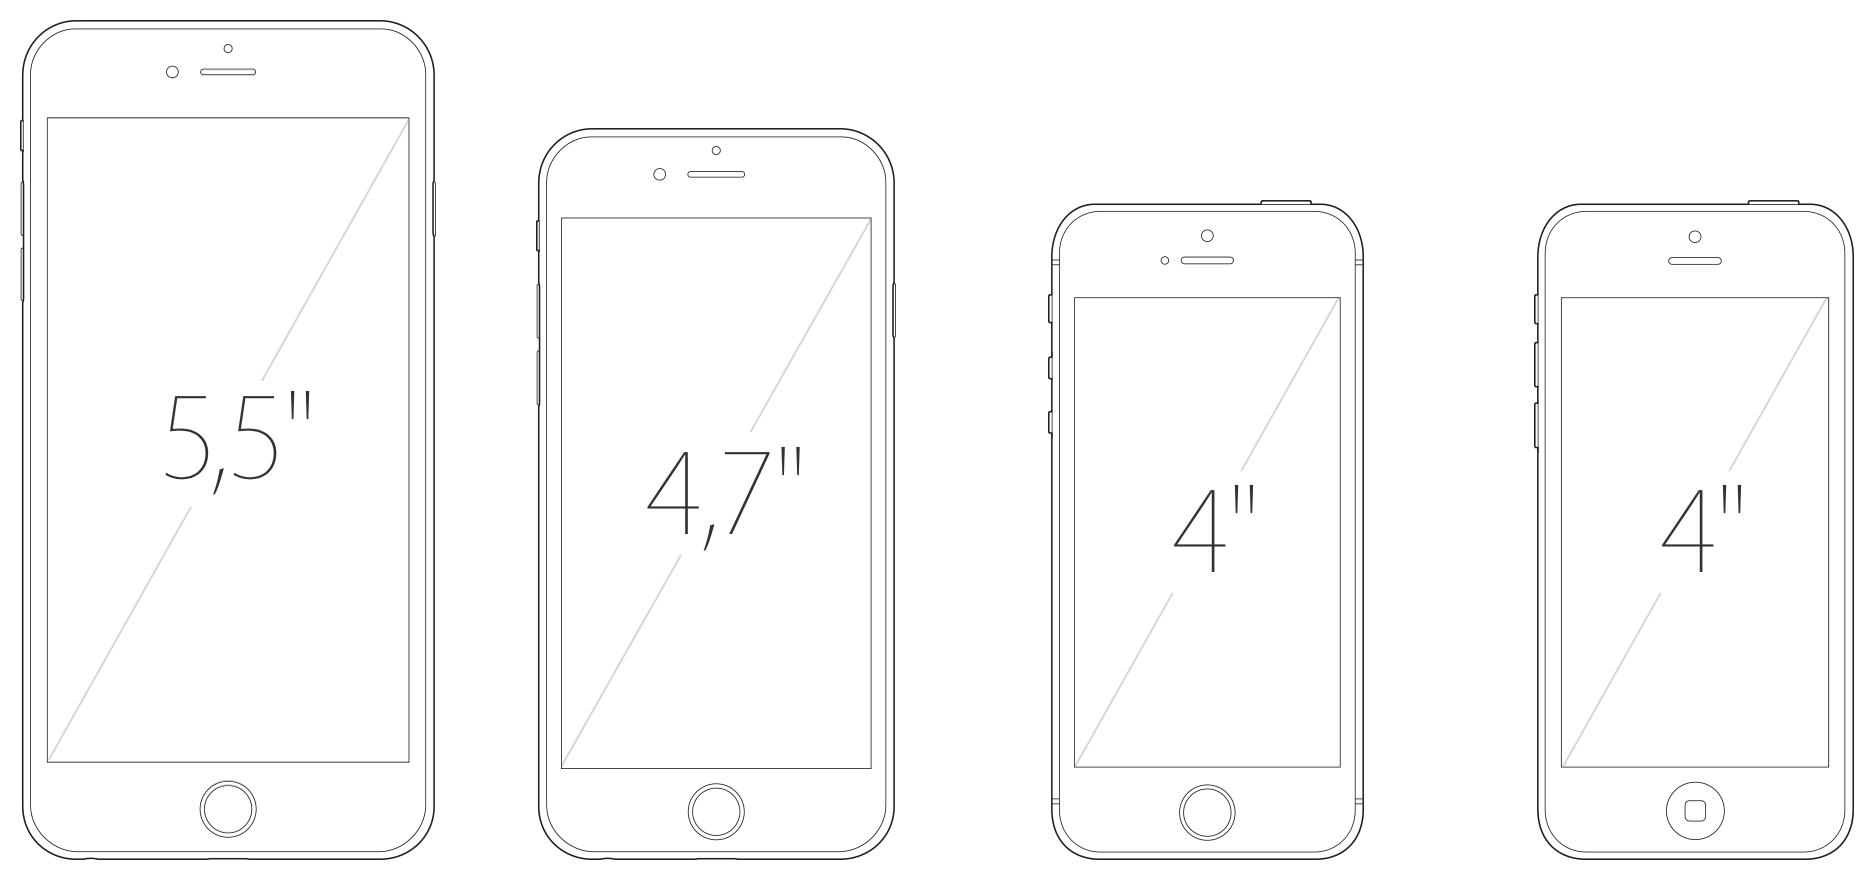 Comparativo de tela dos iPhones